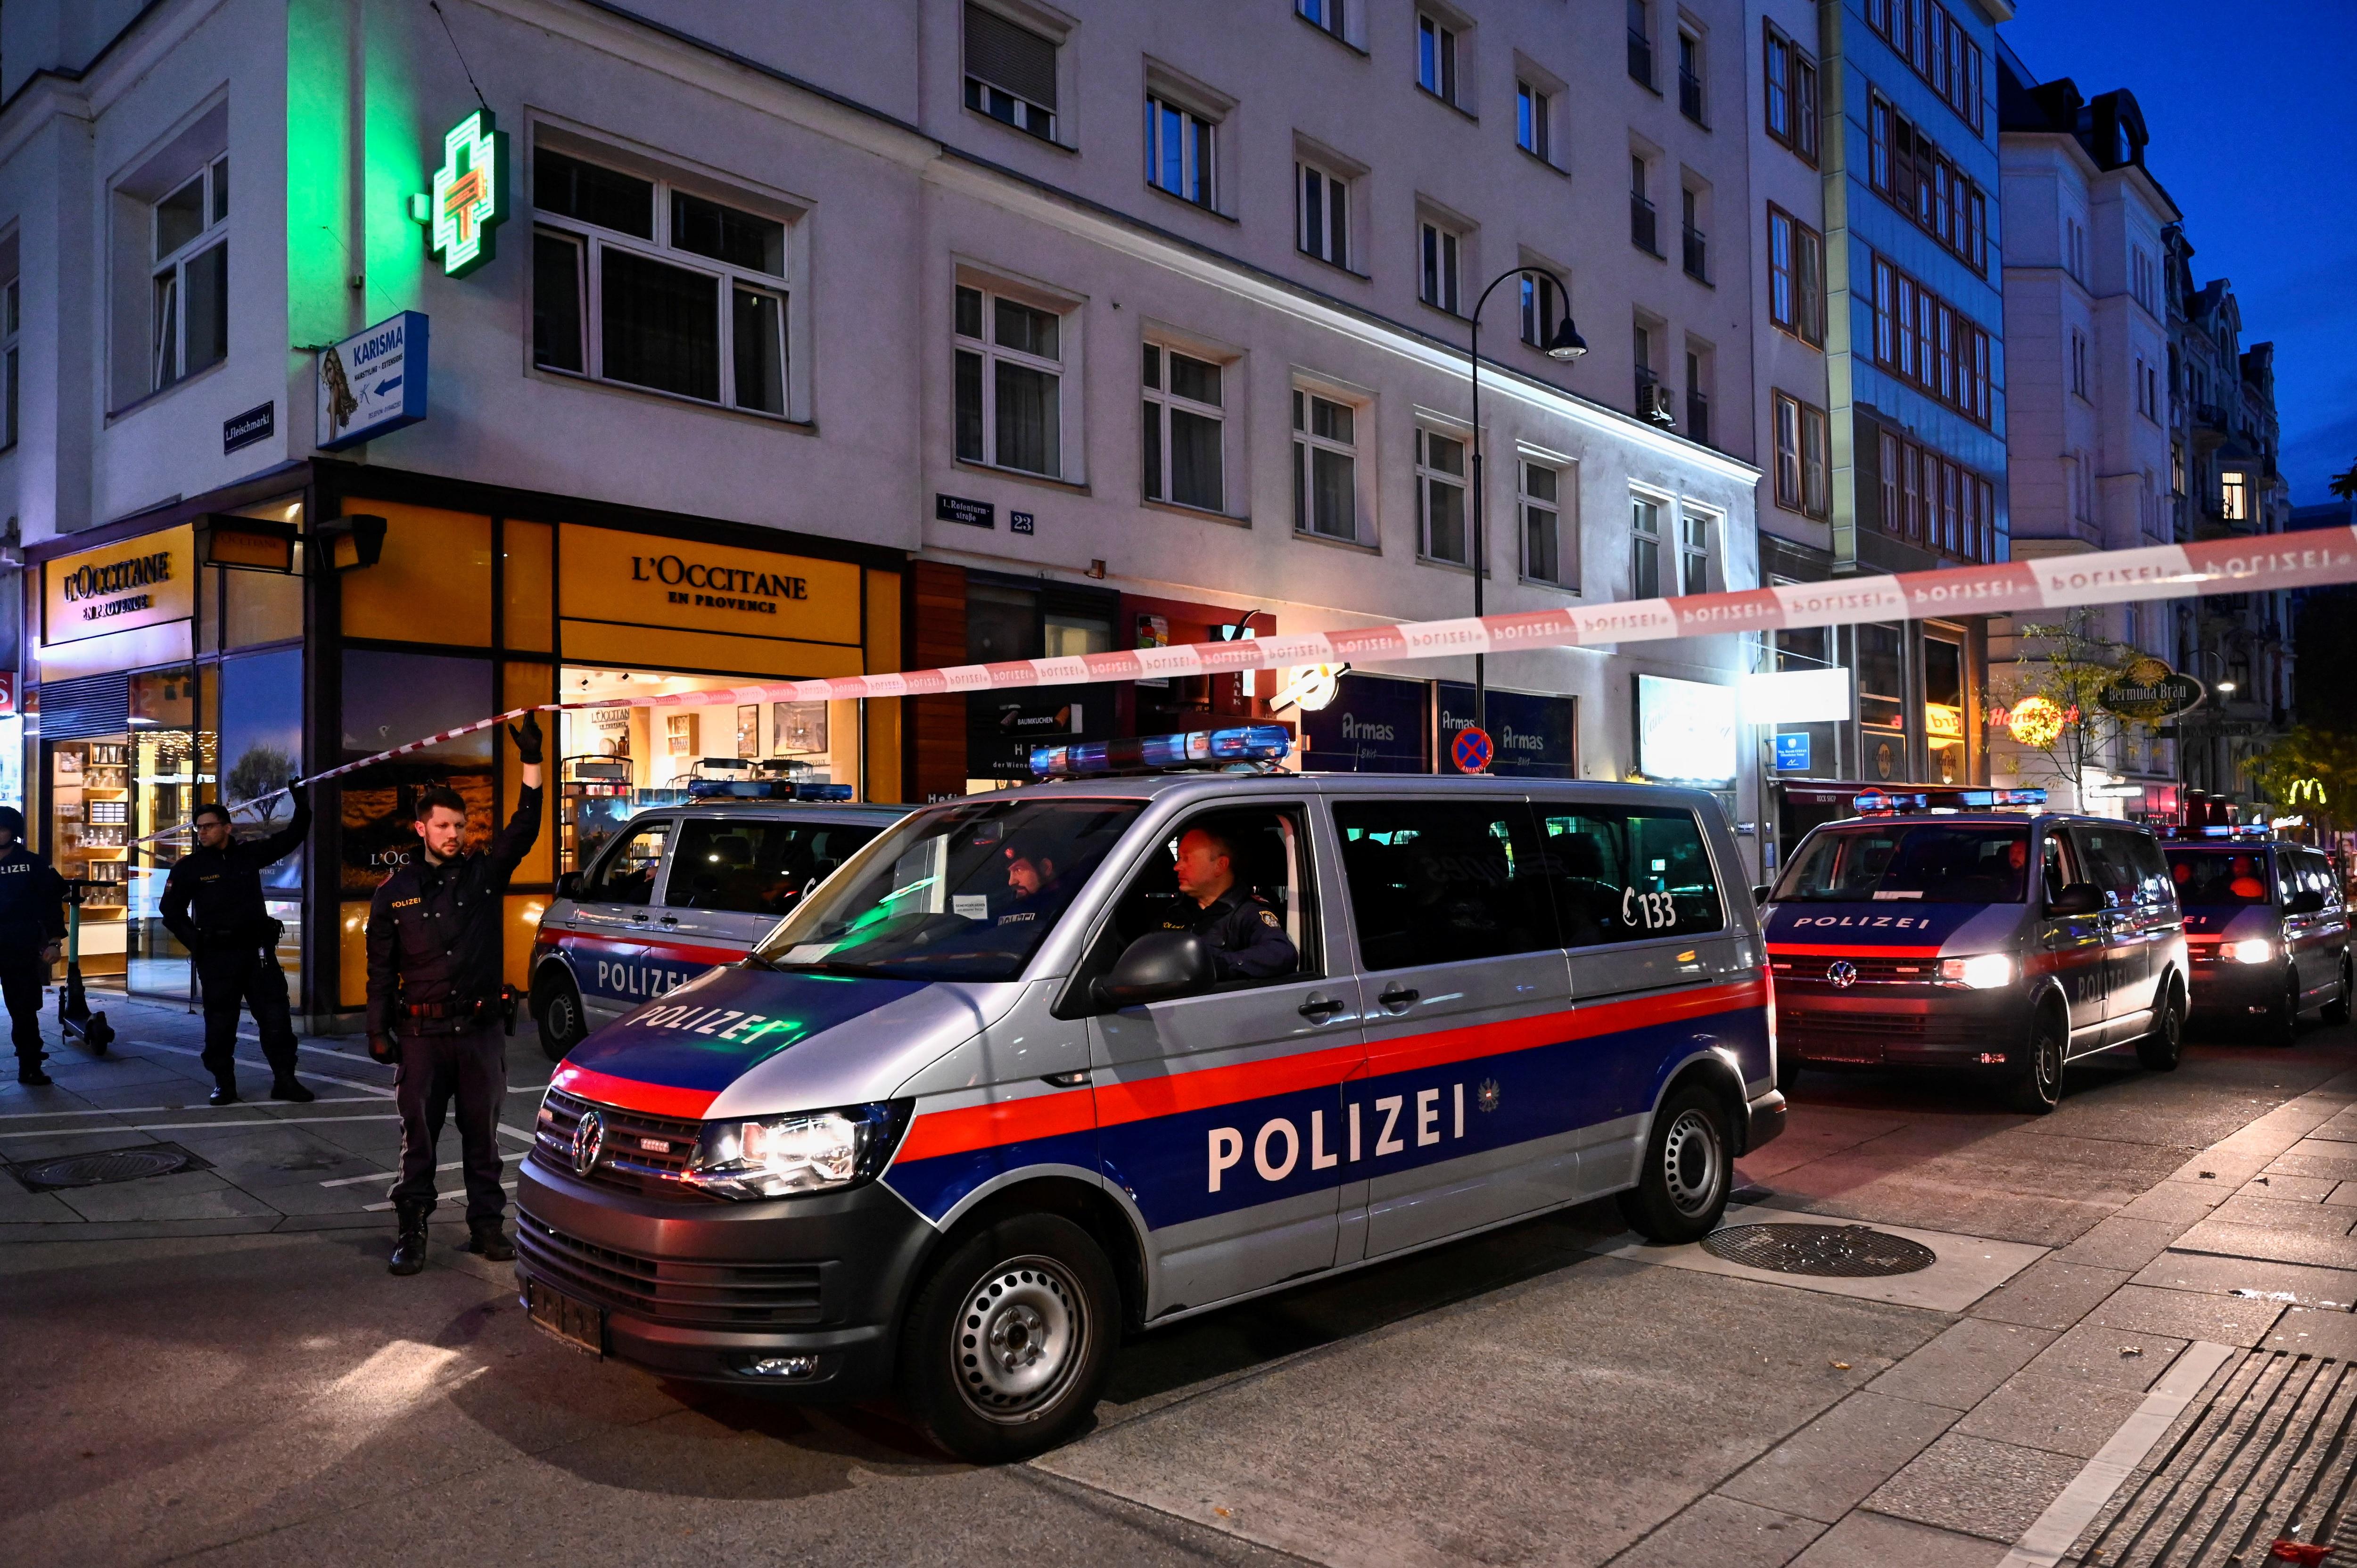 Επίθεση στη Βιέννη: Αλβανός από τα Σκόπια ήταν ο τζιχαντιστής που σκόρπισε ... | Διεθνή Ειδήσεις